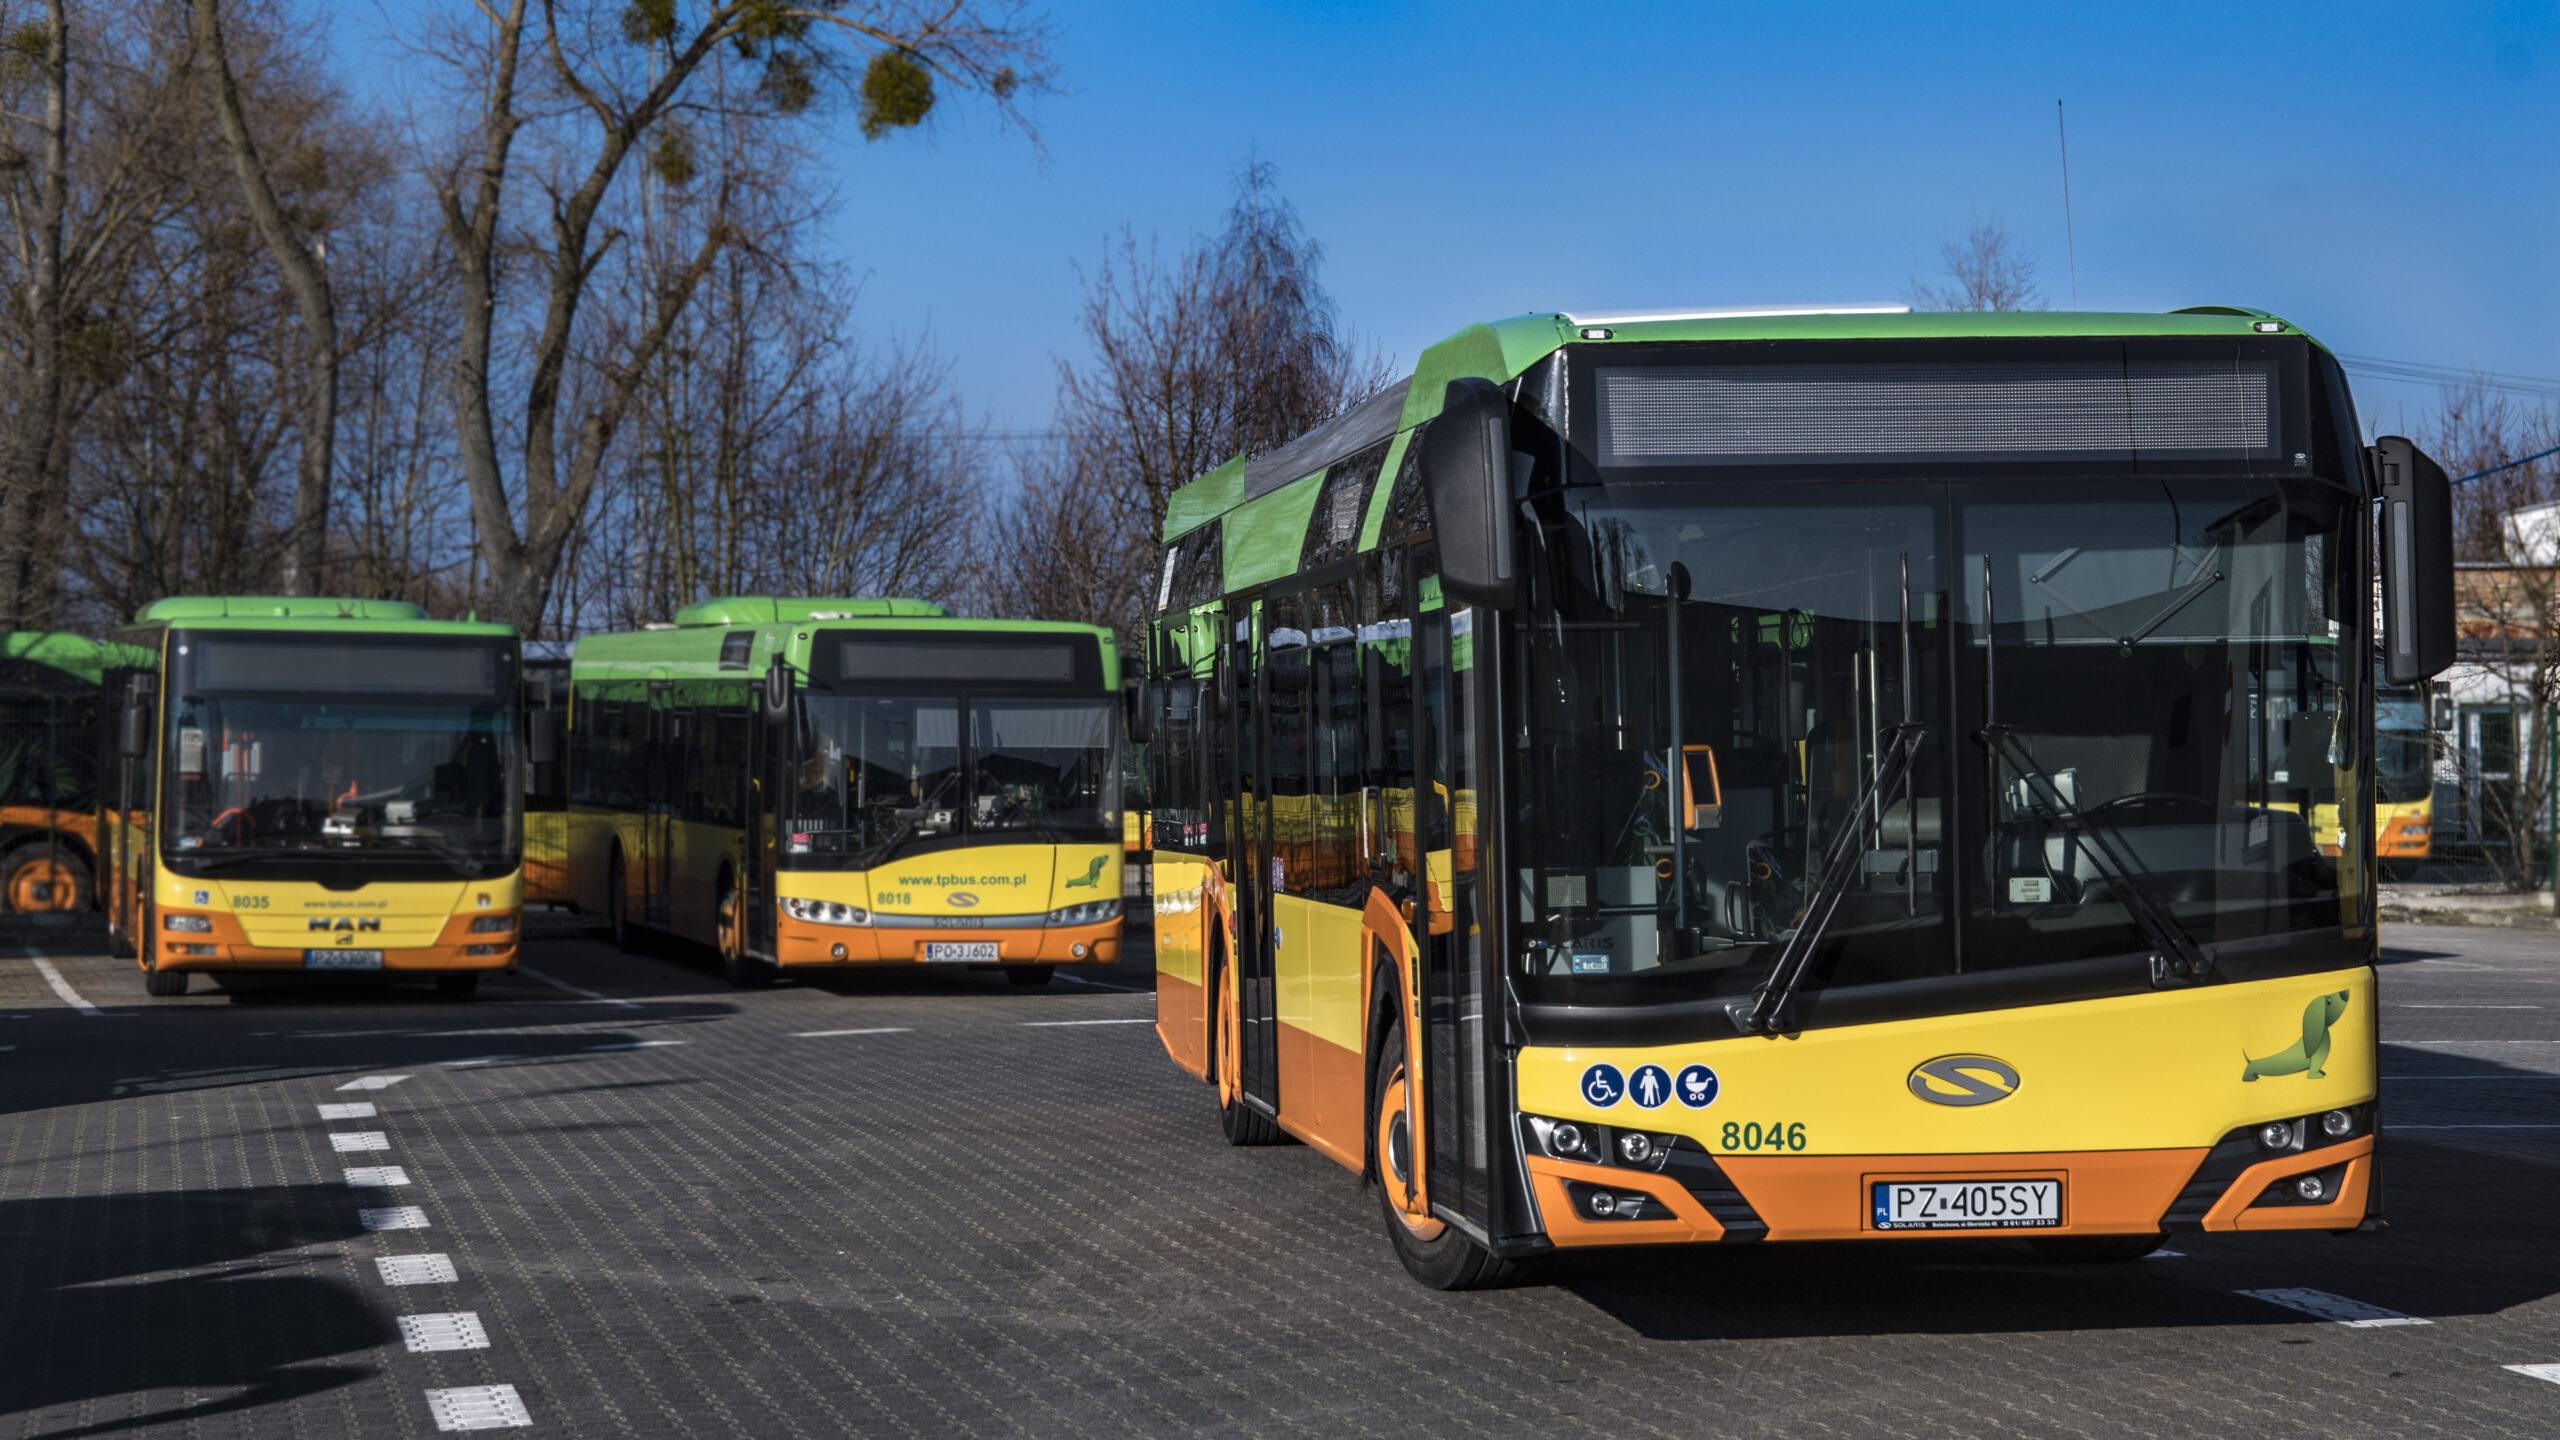 Na zdjęciu pojazdy TP-BUS, czyli autobusy, które przewożą mieszkańców Gminy Tarnowo Podgórne